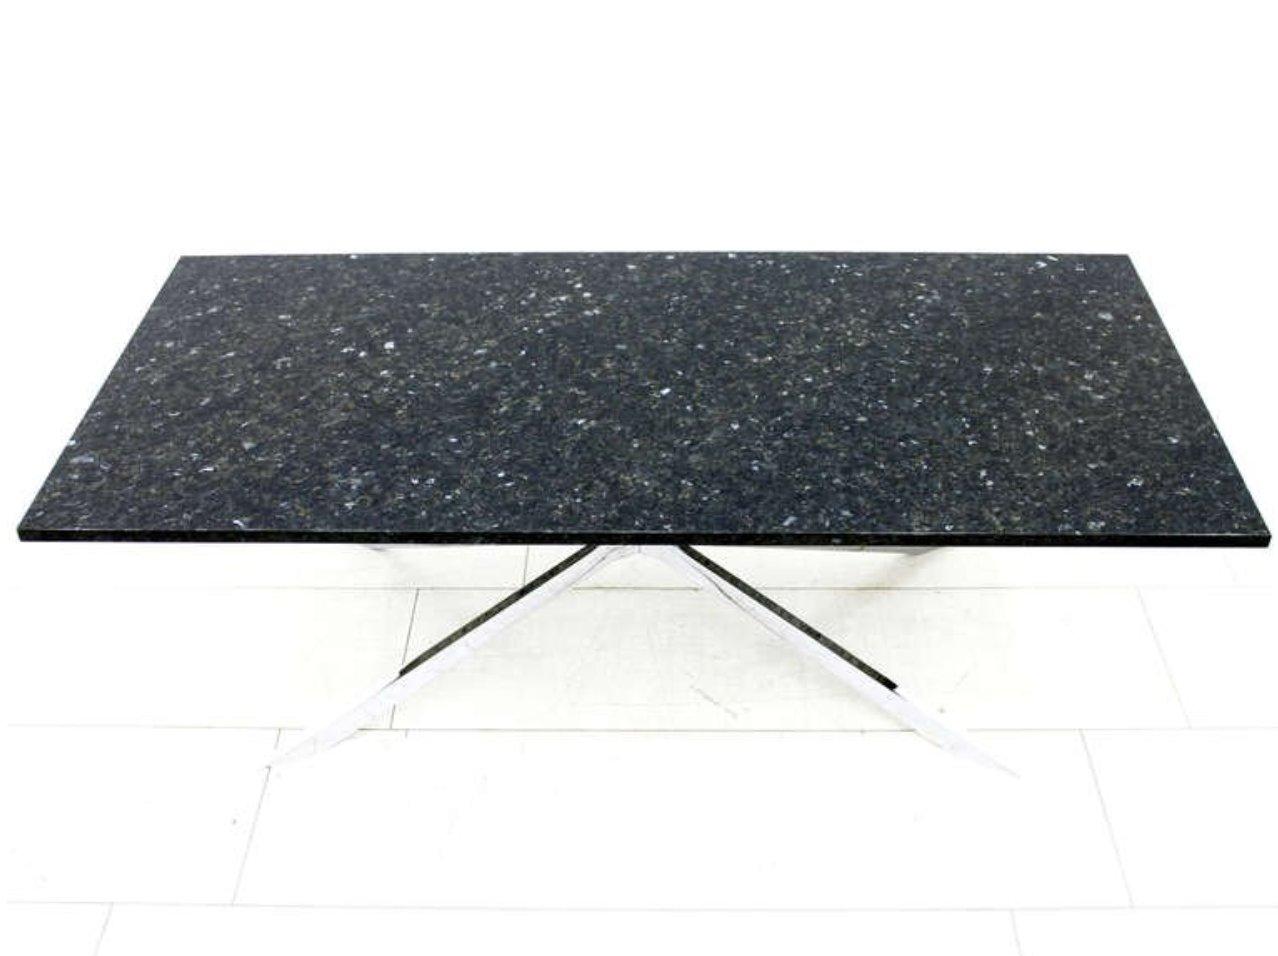 Schwerer verchromter tisch aus stahl labrador granit for Tisch aus granit